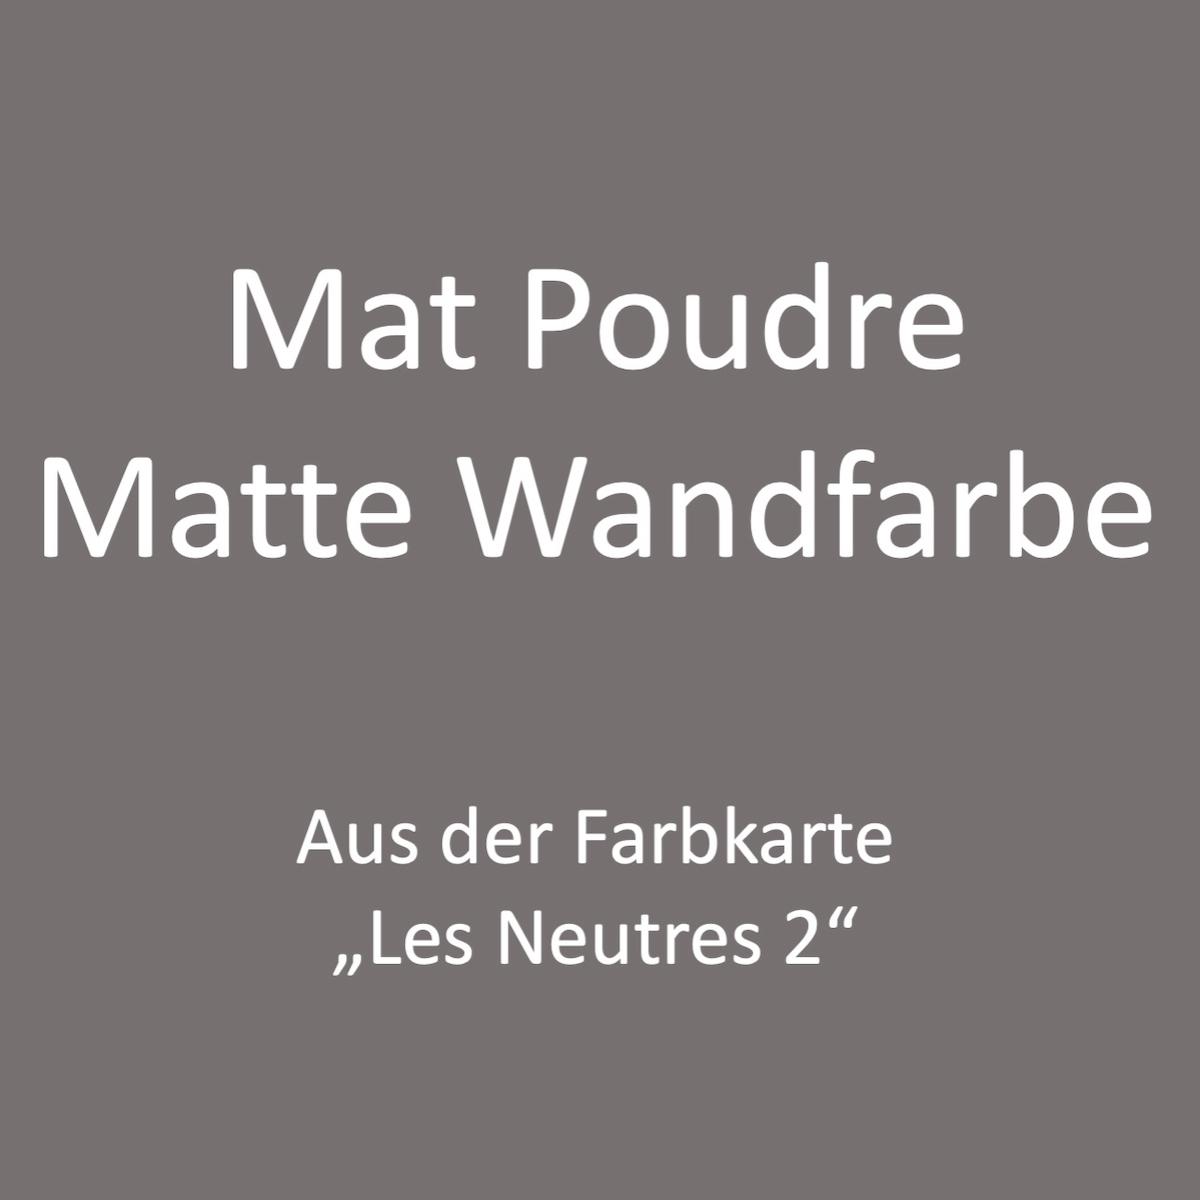 Kategoriebild Ressource Mat Profond - matte Wandfarbe - Les Neutres 2